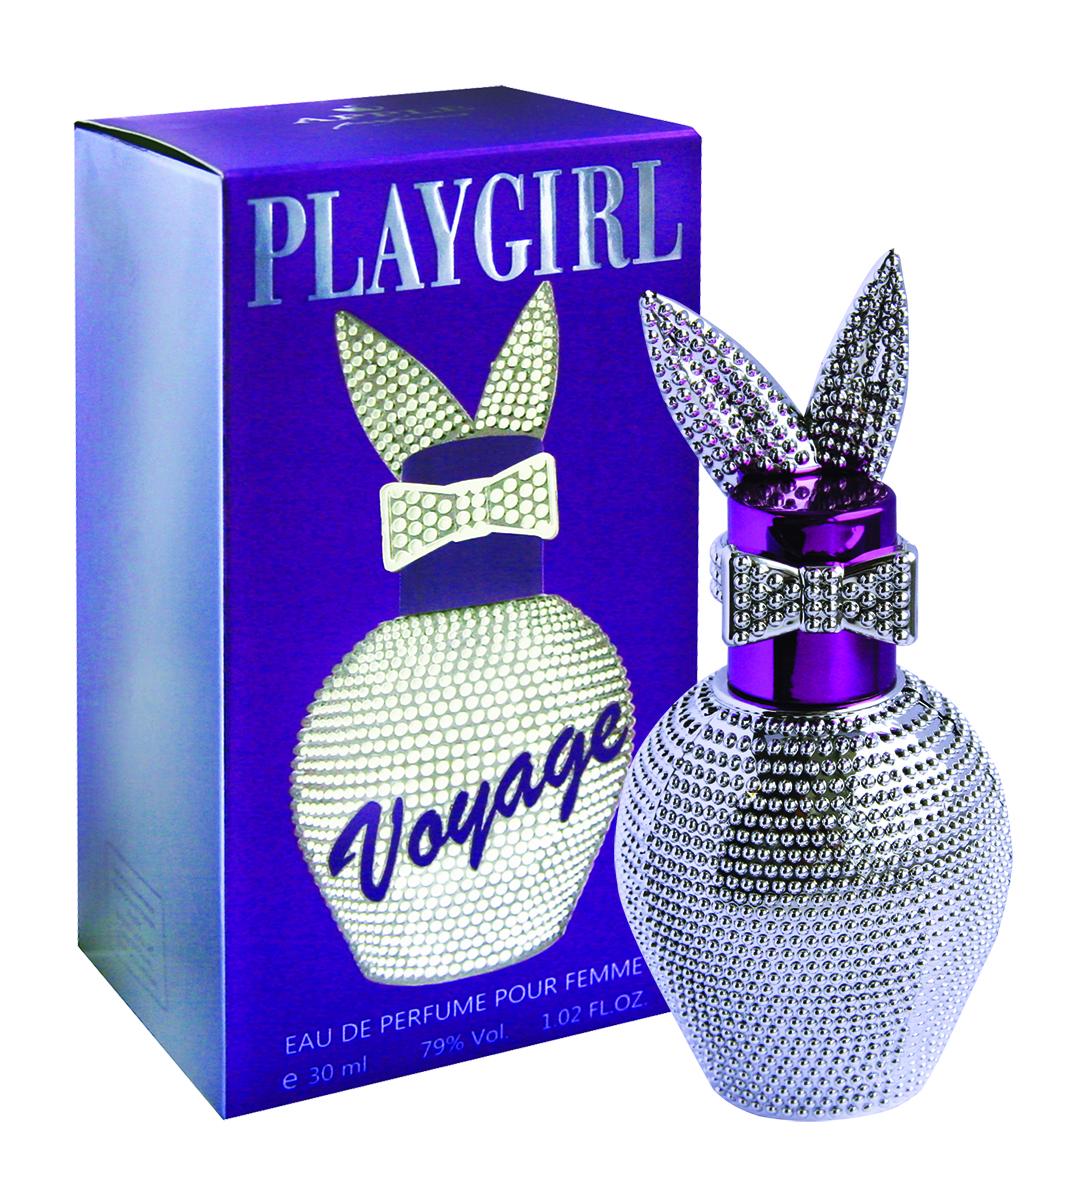 Apple Parfums Парфюмерная вода Playgirl Voyage, женская, 30 мл42561Аромат создан специально, чтобы очаровывать, властвовать и покорять. С первых же нот аромат пробуждает воображение и фантазию, захватывая разум и сердце в свои сладкие сети. Он очарователен, чувственен, красочен, роскошен, полон эмоций и ощущений, как вся наша жизнь. Ошеломляющий аромат, мгновенно овладевающий всем вашим существом, неотразимый и прекрасный, как сама жизнь. Обманчивая простота легкого и свежего аромата символизирует юность и наслаждение жизнью. Чарующий женский парфюм, в верхних нотах которого чувствуется живость сицилианского лимона, жизненная сила яблок, приятная простота колокольчиков. Направление аромата: Свежий, цветочный. Основные ноты: цитрусы, лимон, колокольчик, зеленое яблоко, жасмин , белая роза, кедр